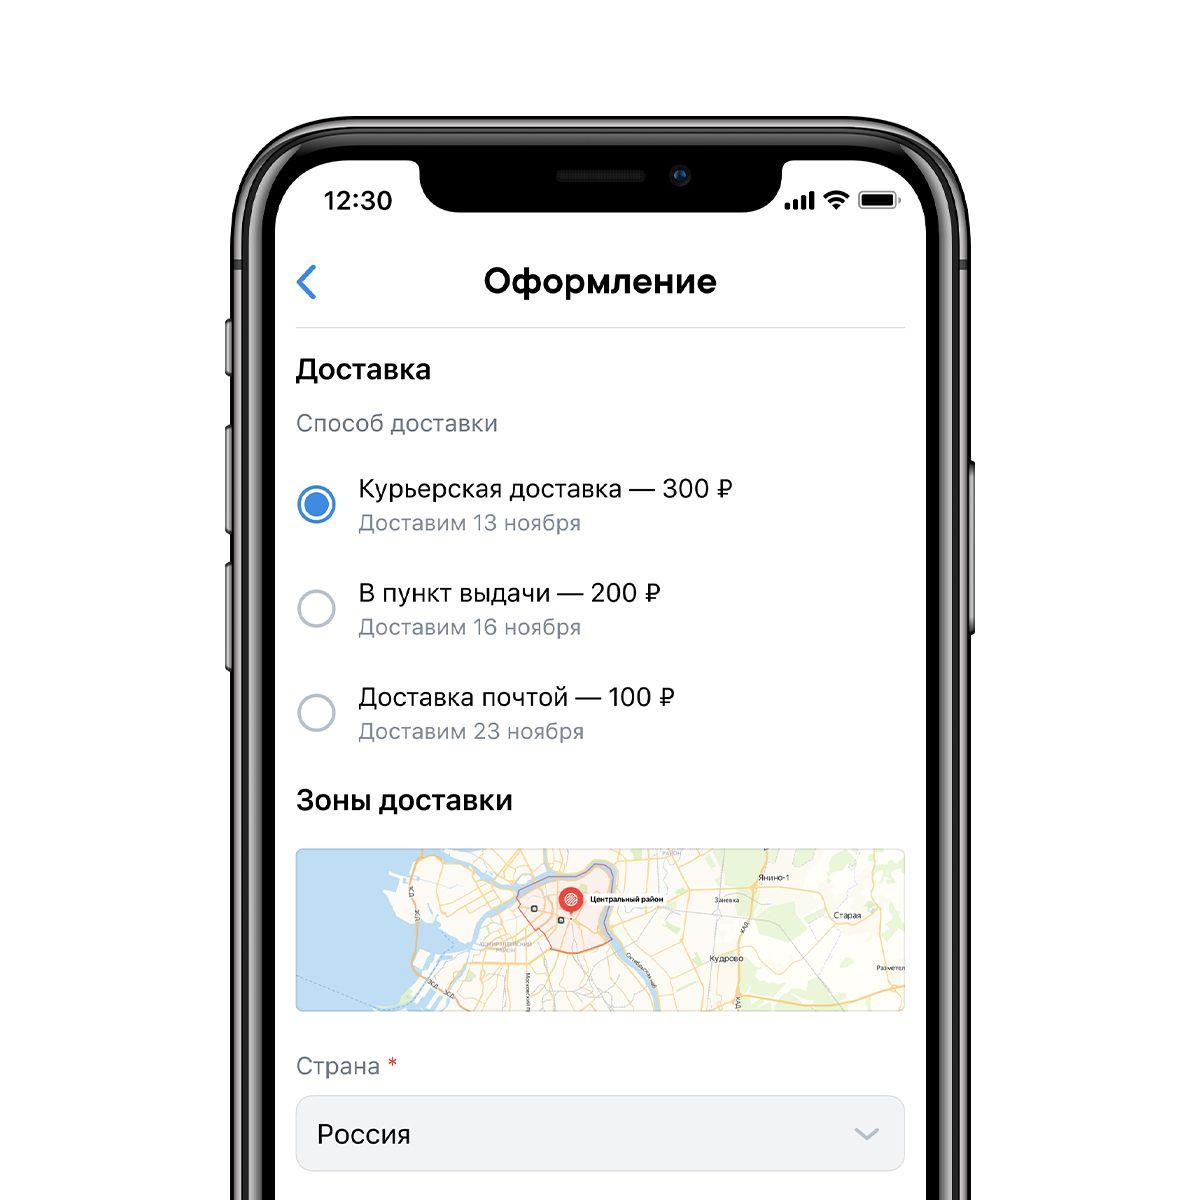 Заказы из магазинов «ВКонтакте» можно отправлять по городу курьером